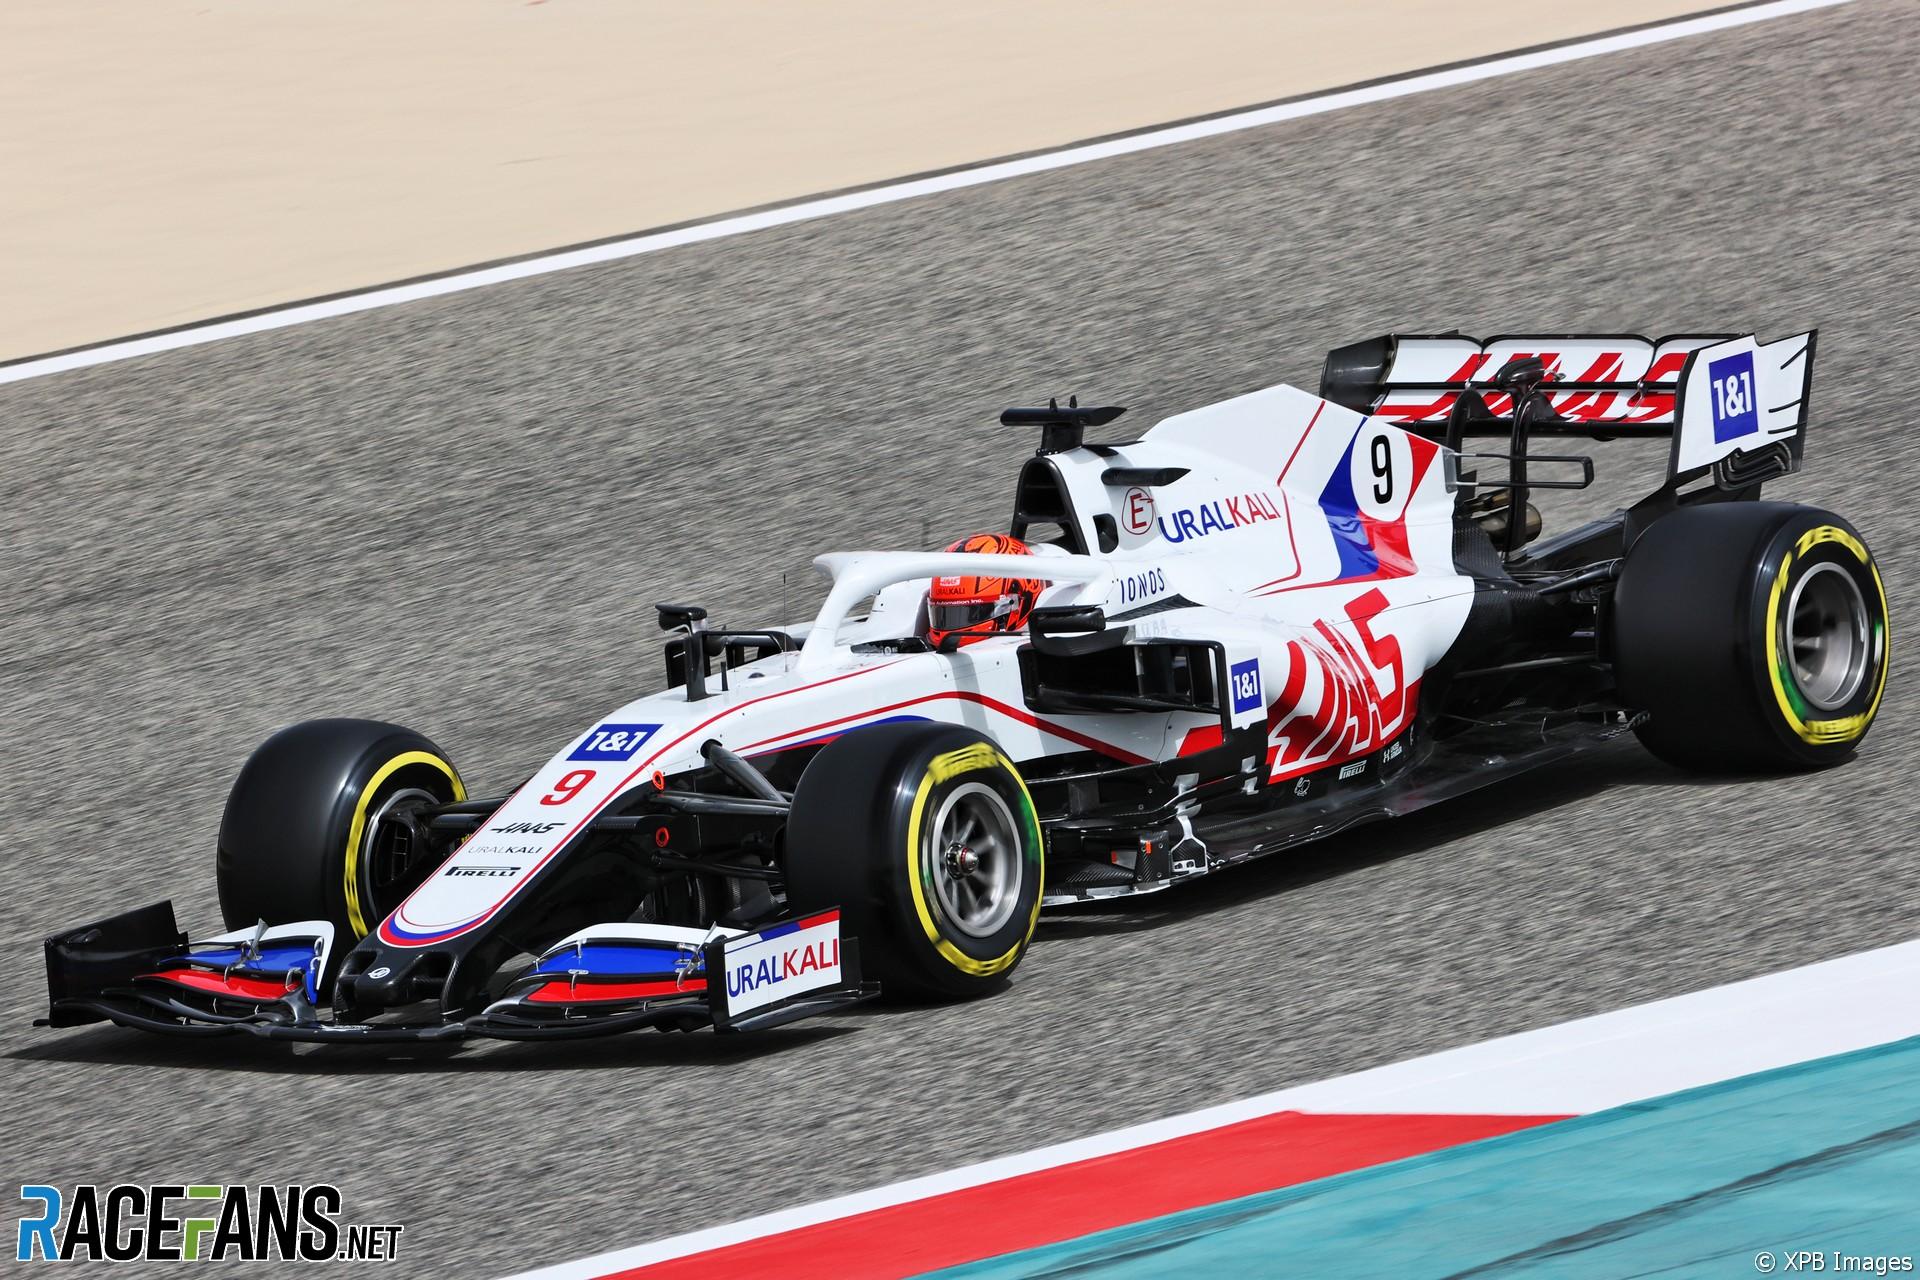 Nikita Mazepin, Haas, Circuito Internacional de Baréin, 2021